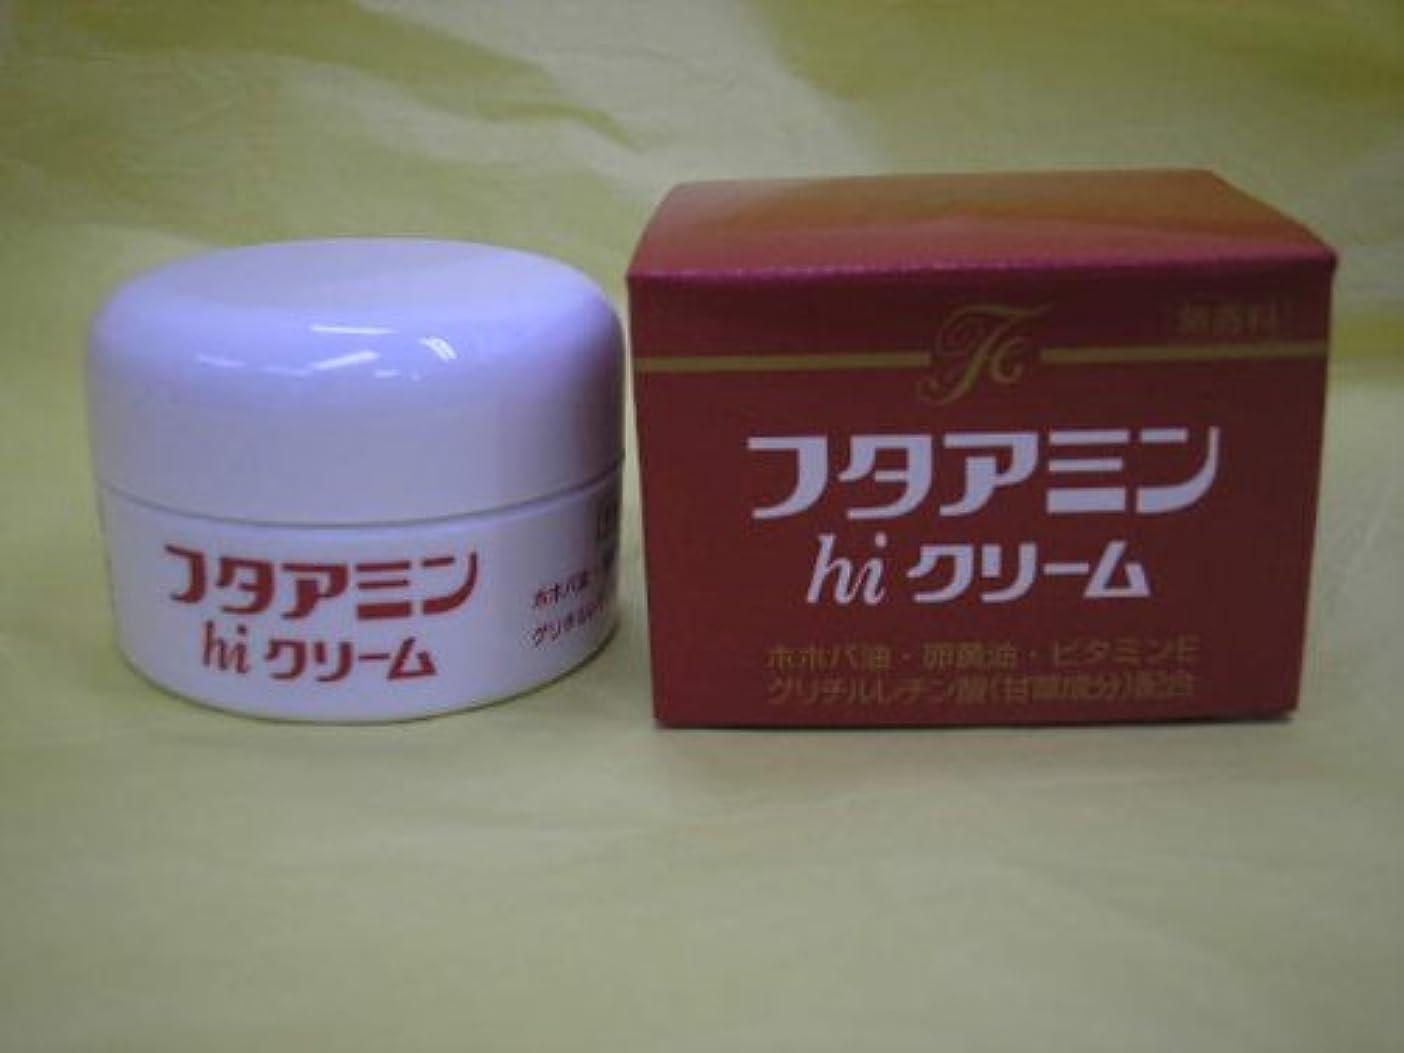 神打ち負かすバイソンフタアミンhiクリーム 55g(無香料)医薬部外品